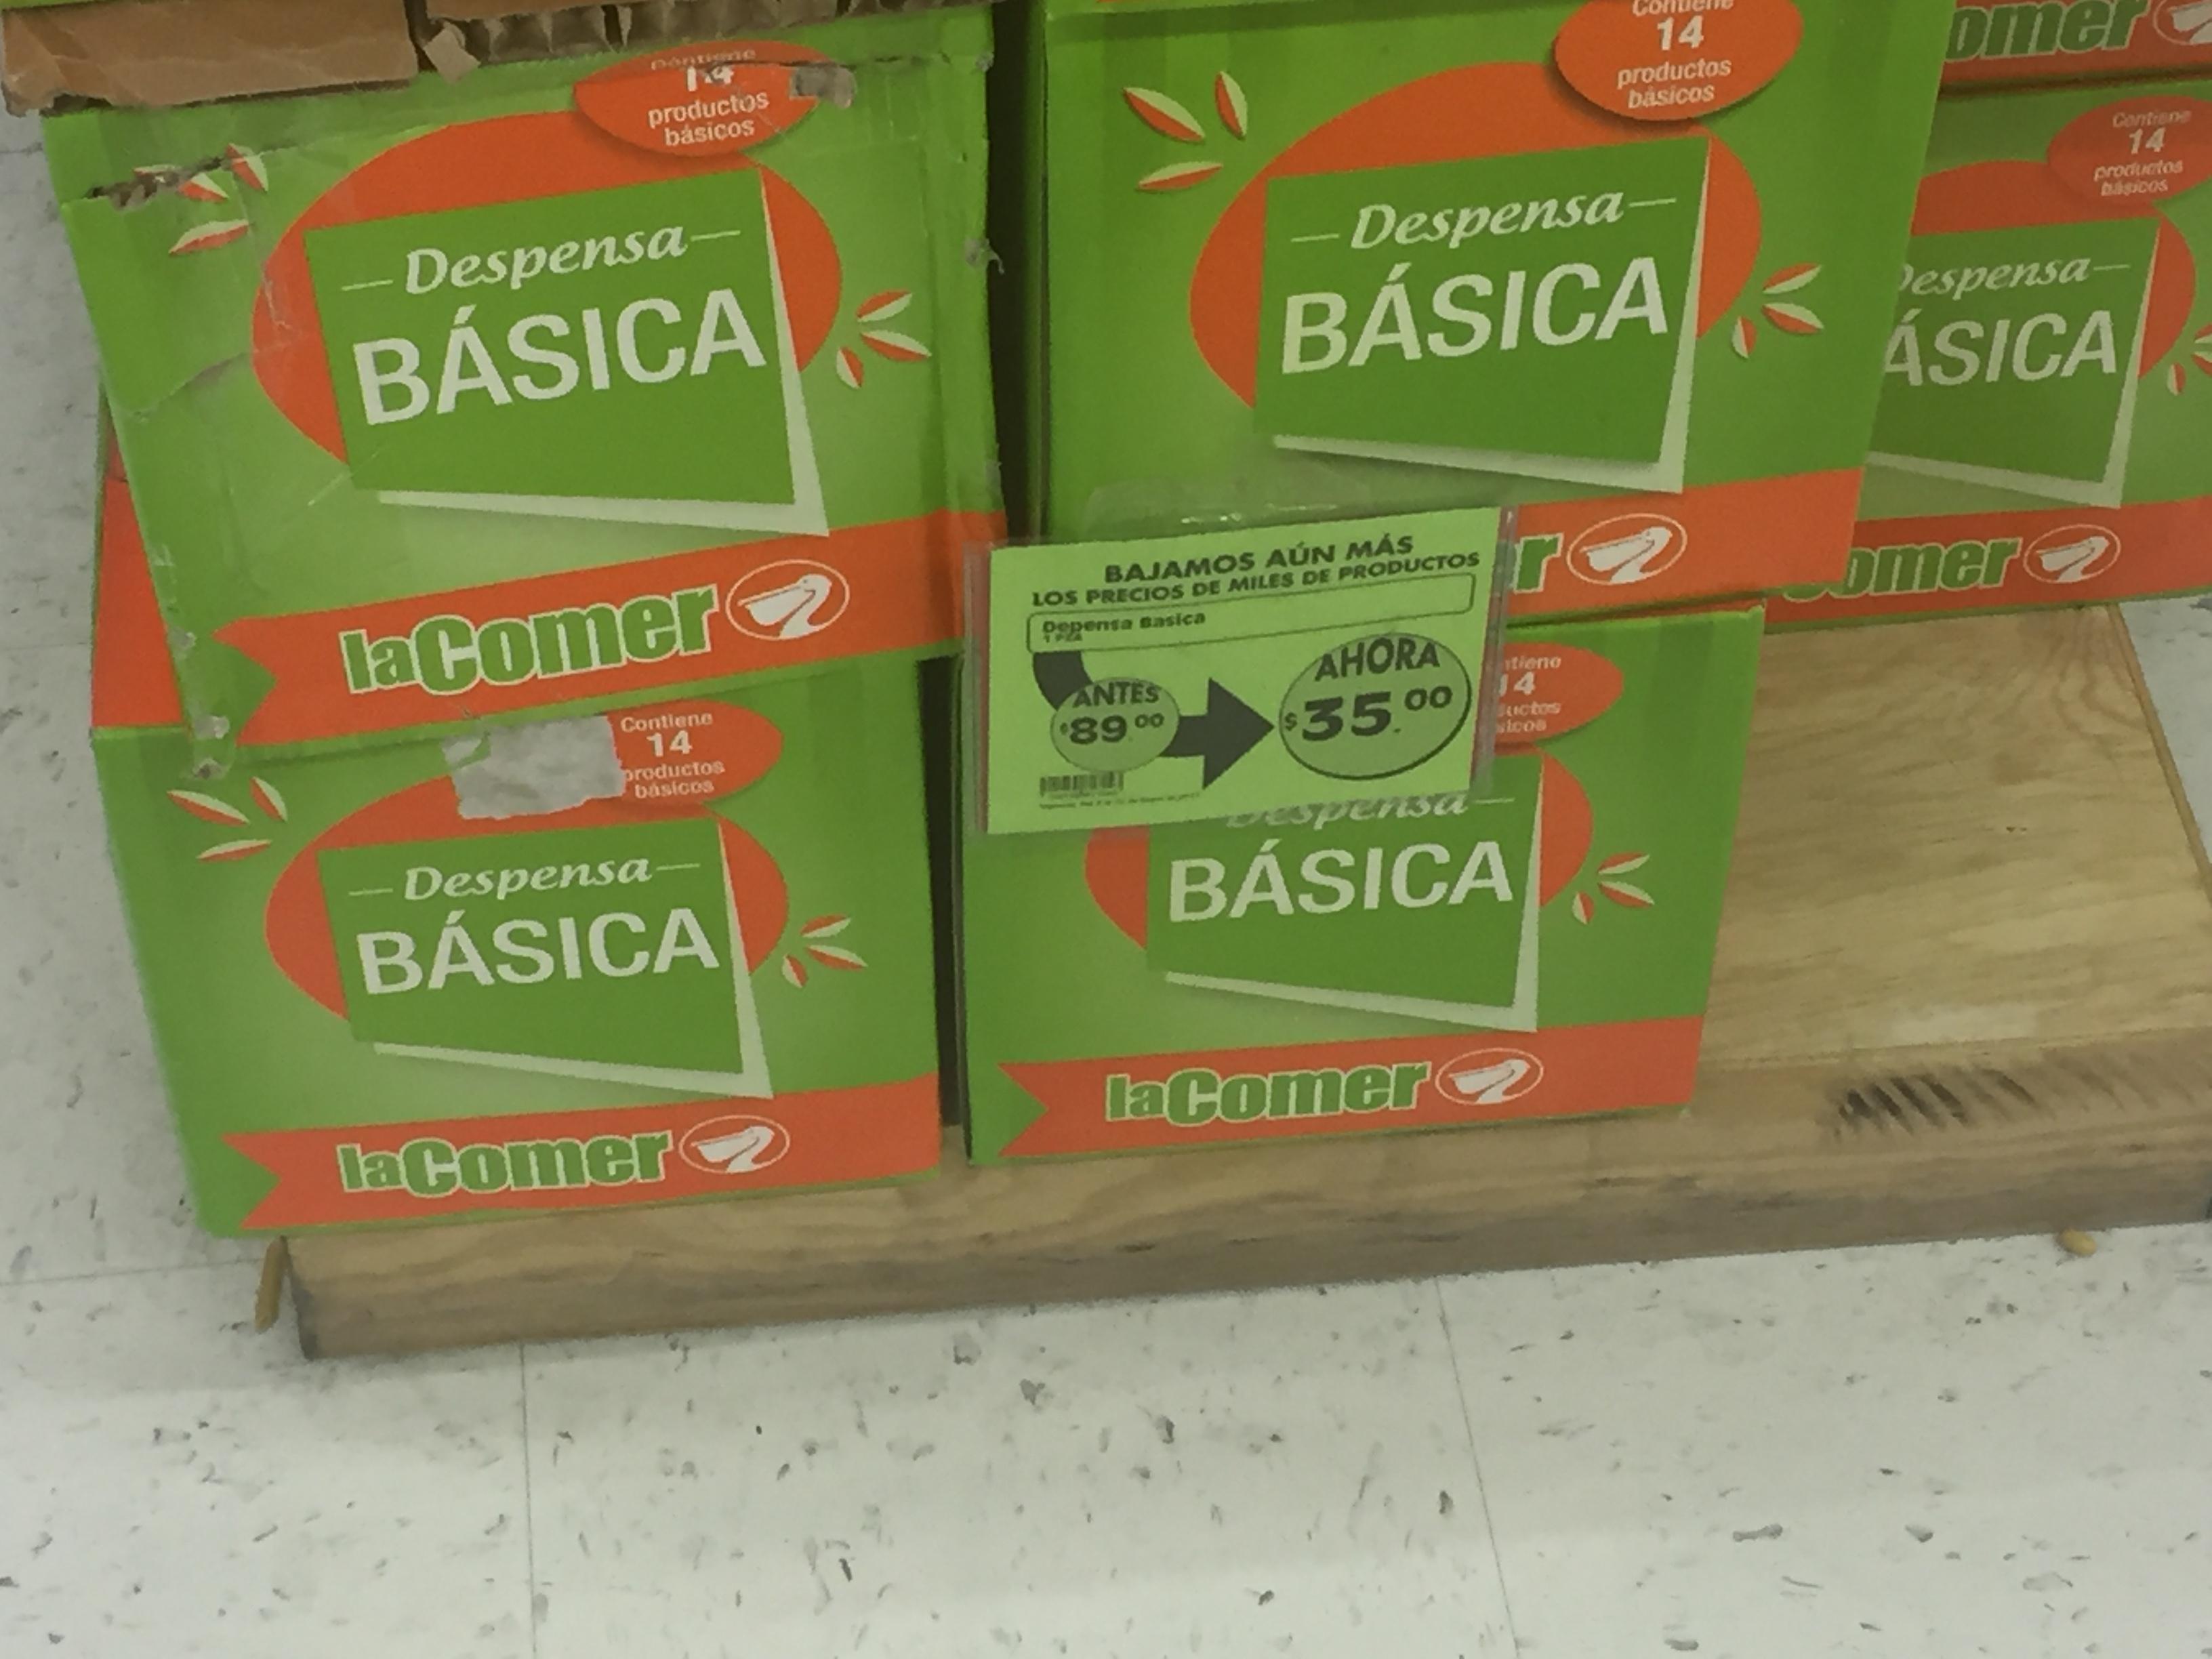 La Comer: Despensa básica con 14 productos a $35